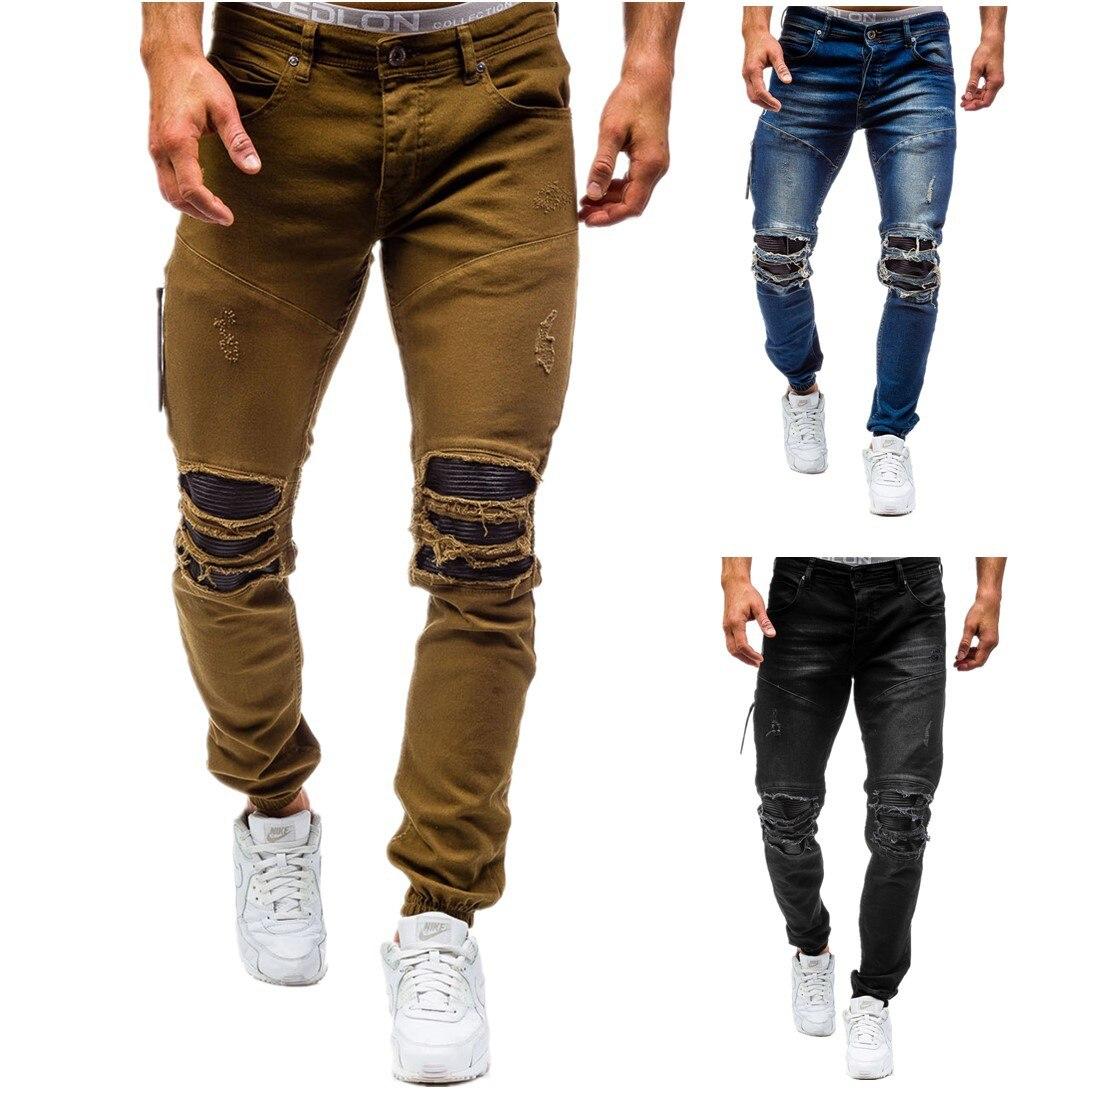 2017 Nuovo arrivo CosMaMa fabbrica di Marca del progettista slim fit fashion strappato in pelle al ginocchio strappato freddo danneggiato biker jeans pantaloni per uomini